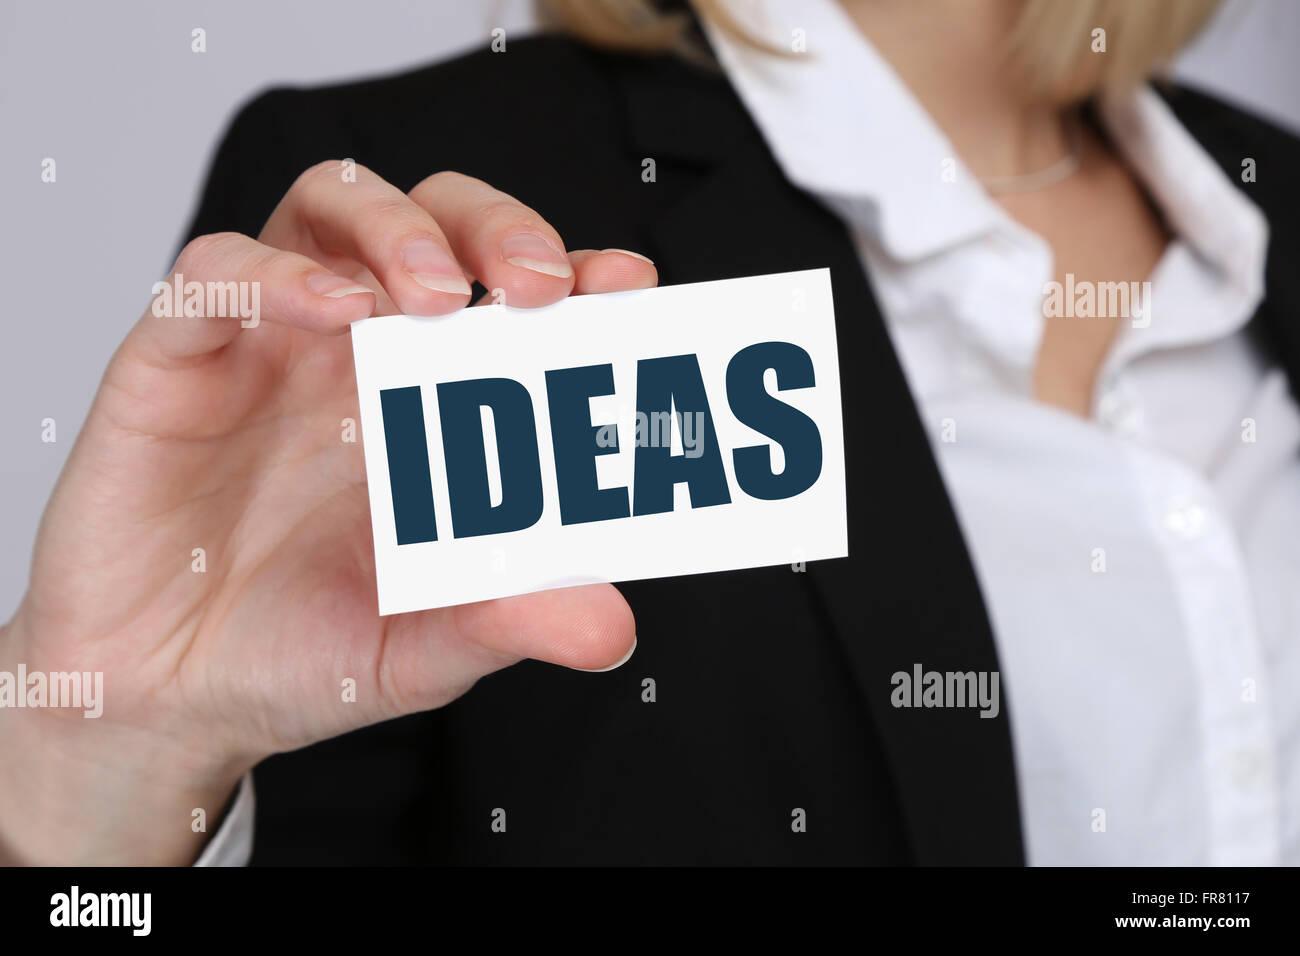 Ideas para el éxito y el crecimiento exitoso concepto de negocio creativo creatividad Imagen De Stock